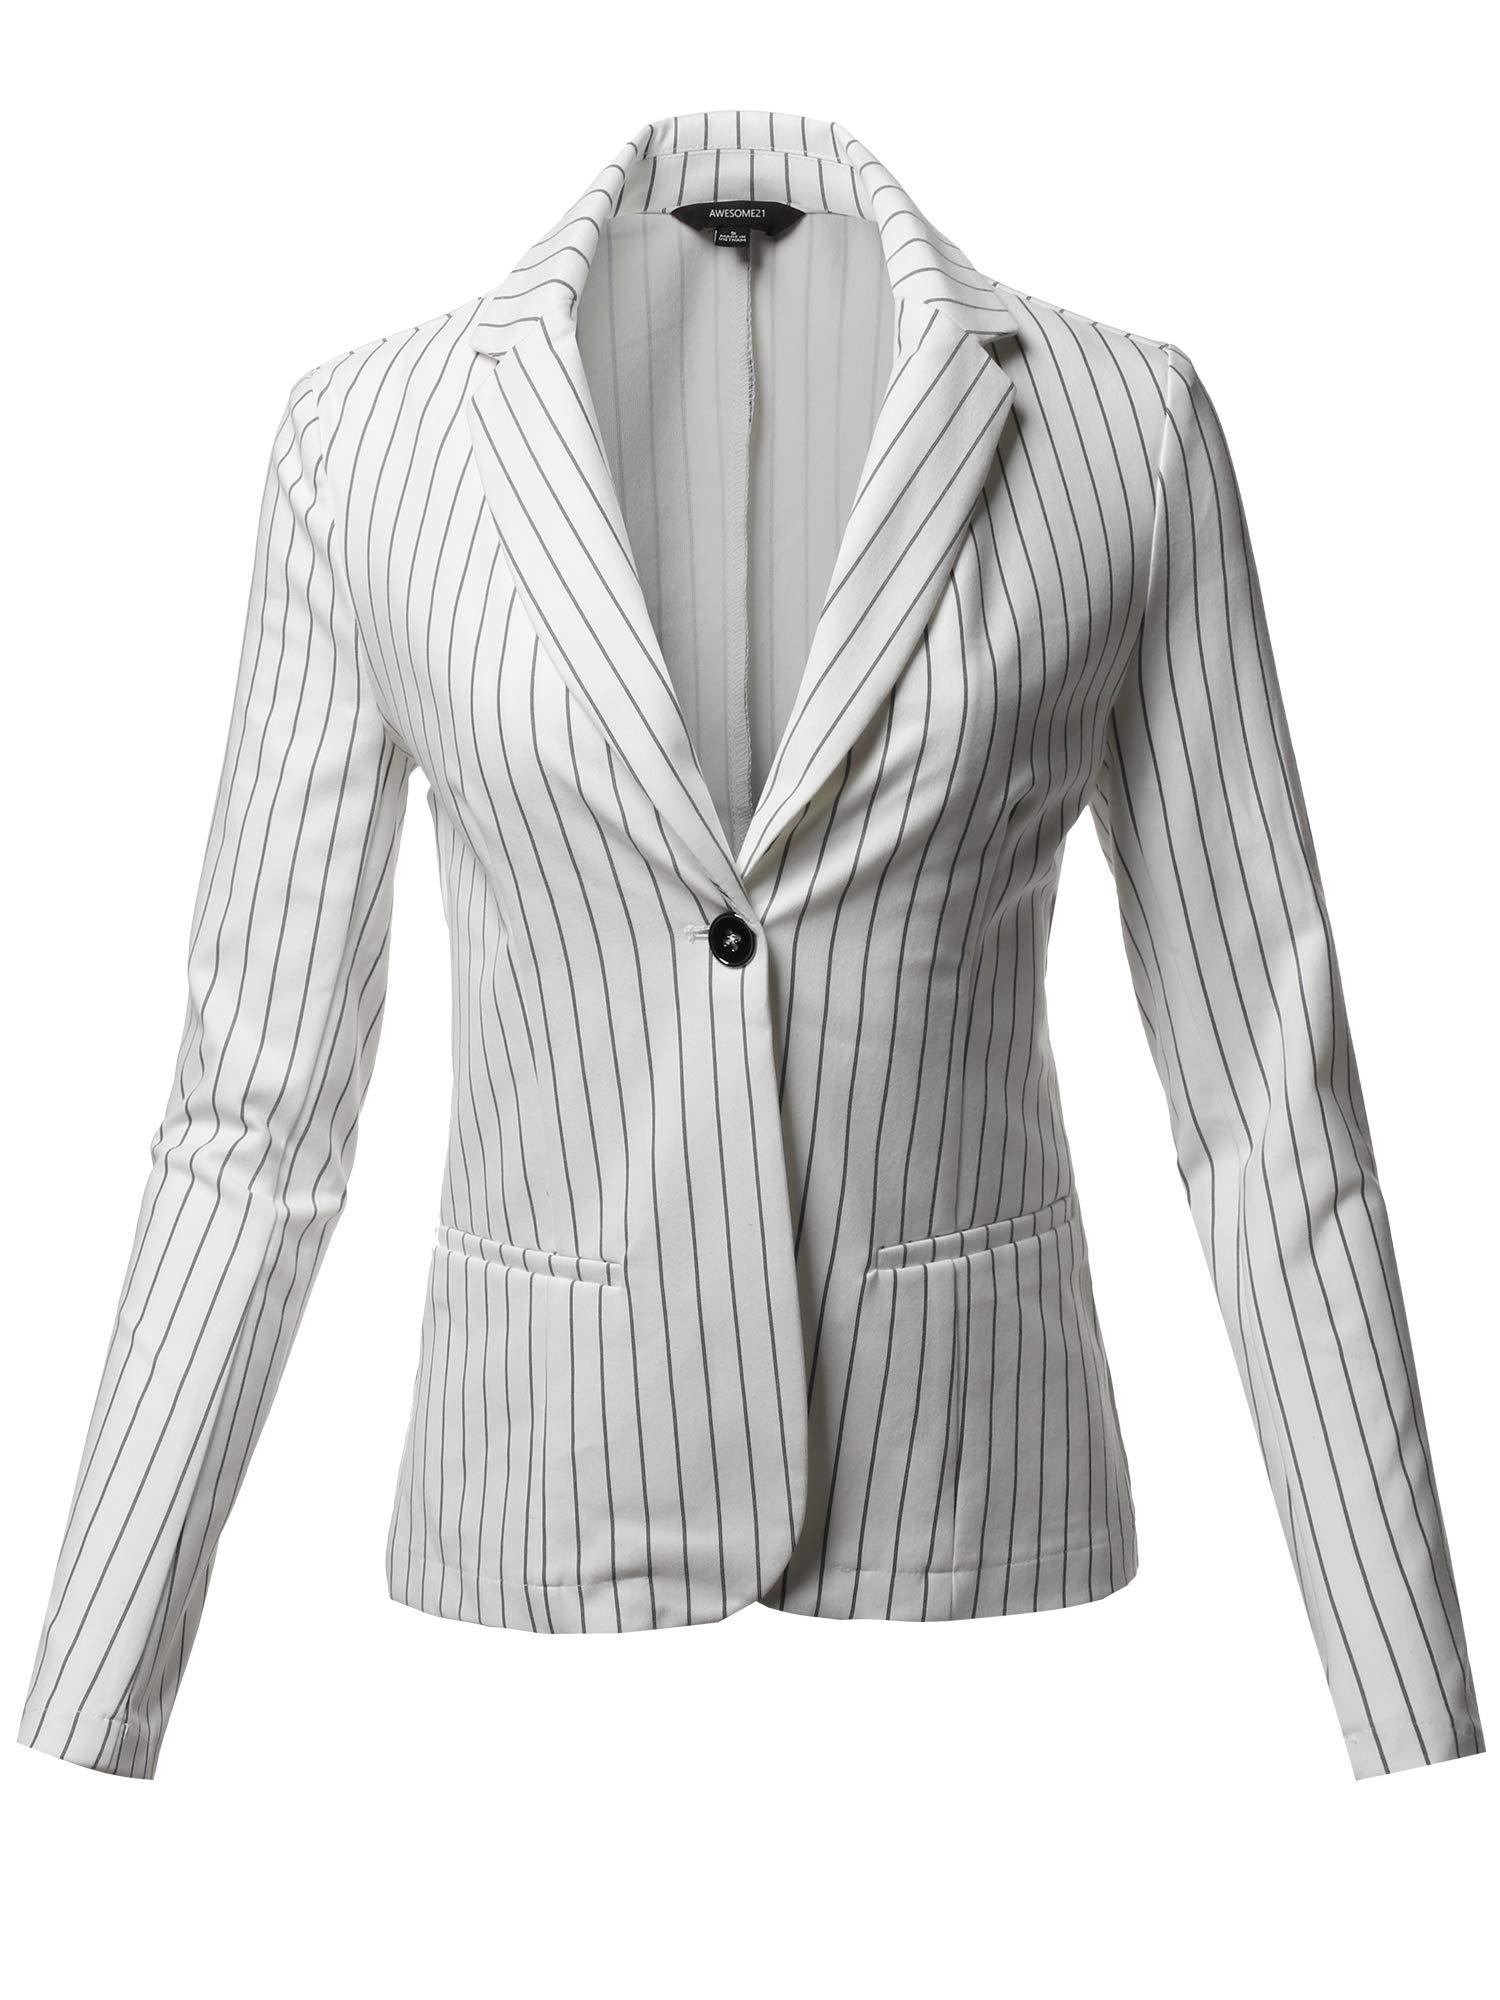 Casual Stylish Patterned Long Sleeves Blazer Jacket White Size M